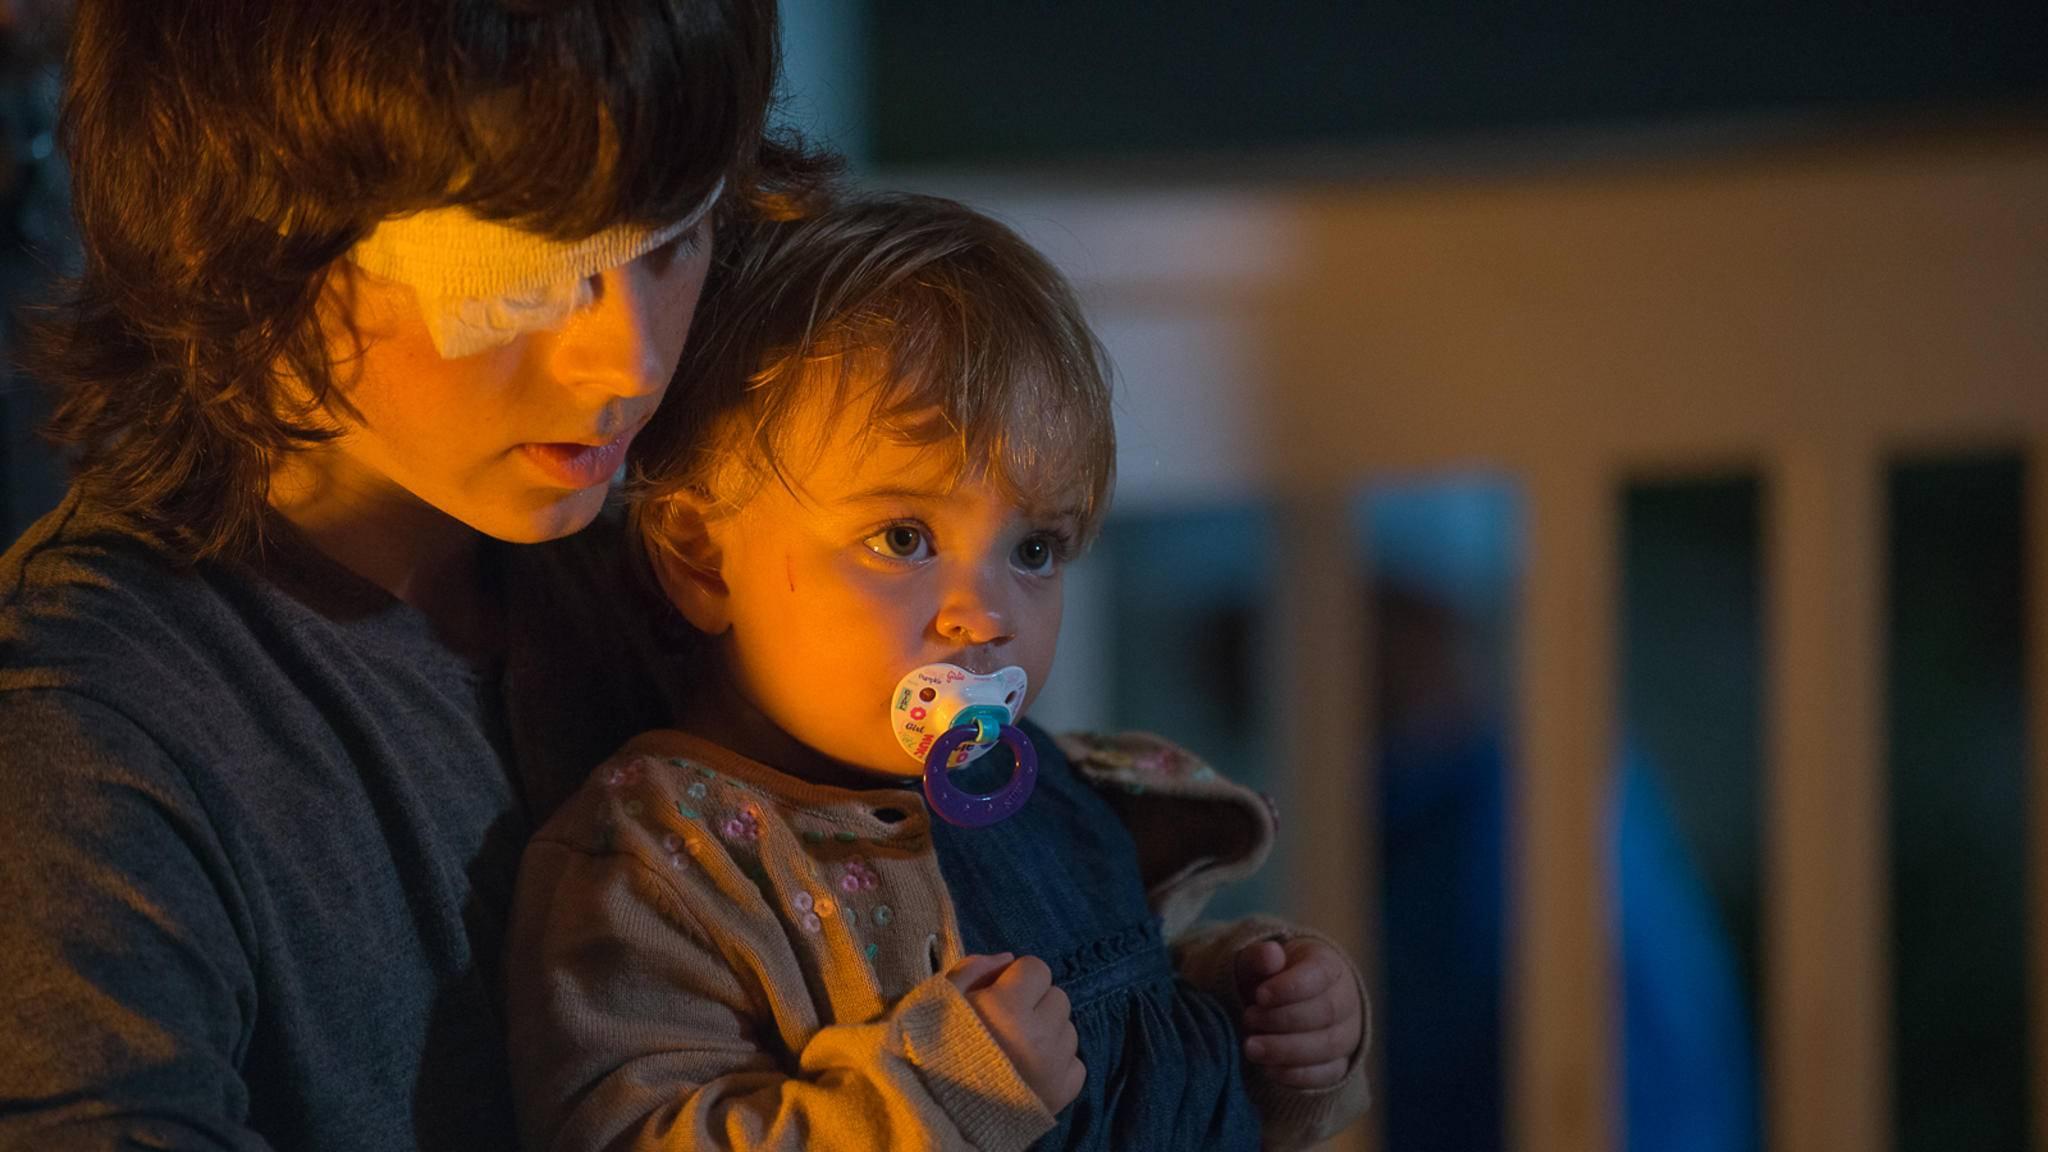 Carl kümmert sich rührend um seine kleine Schwester Judith.